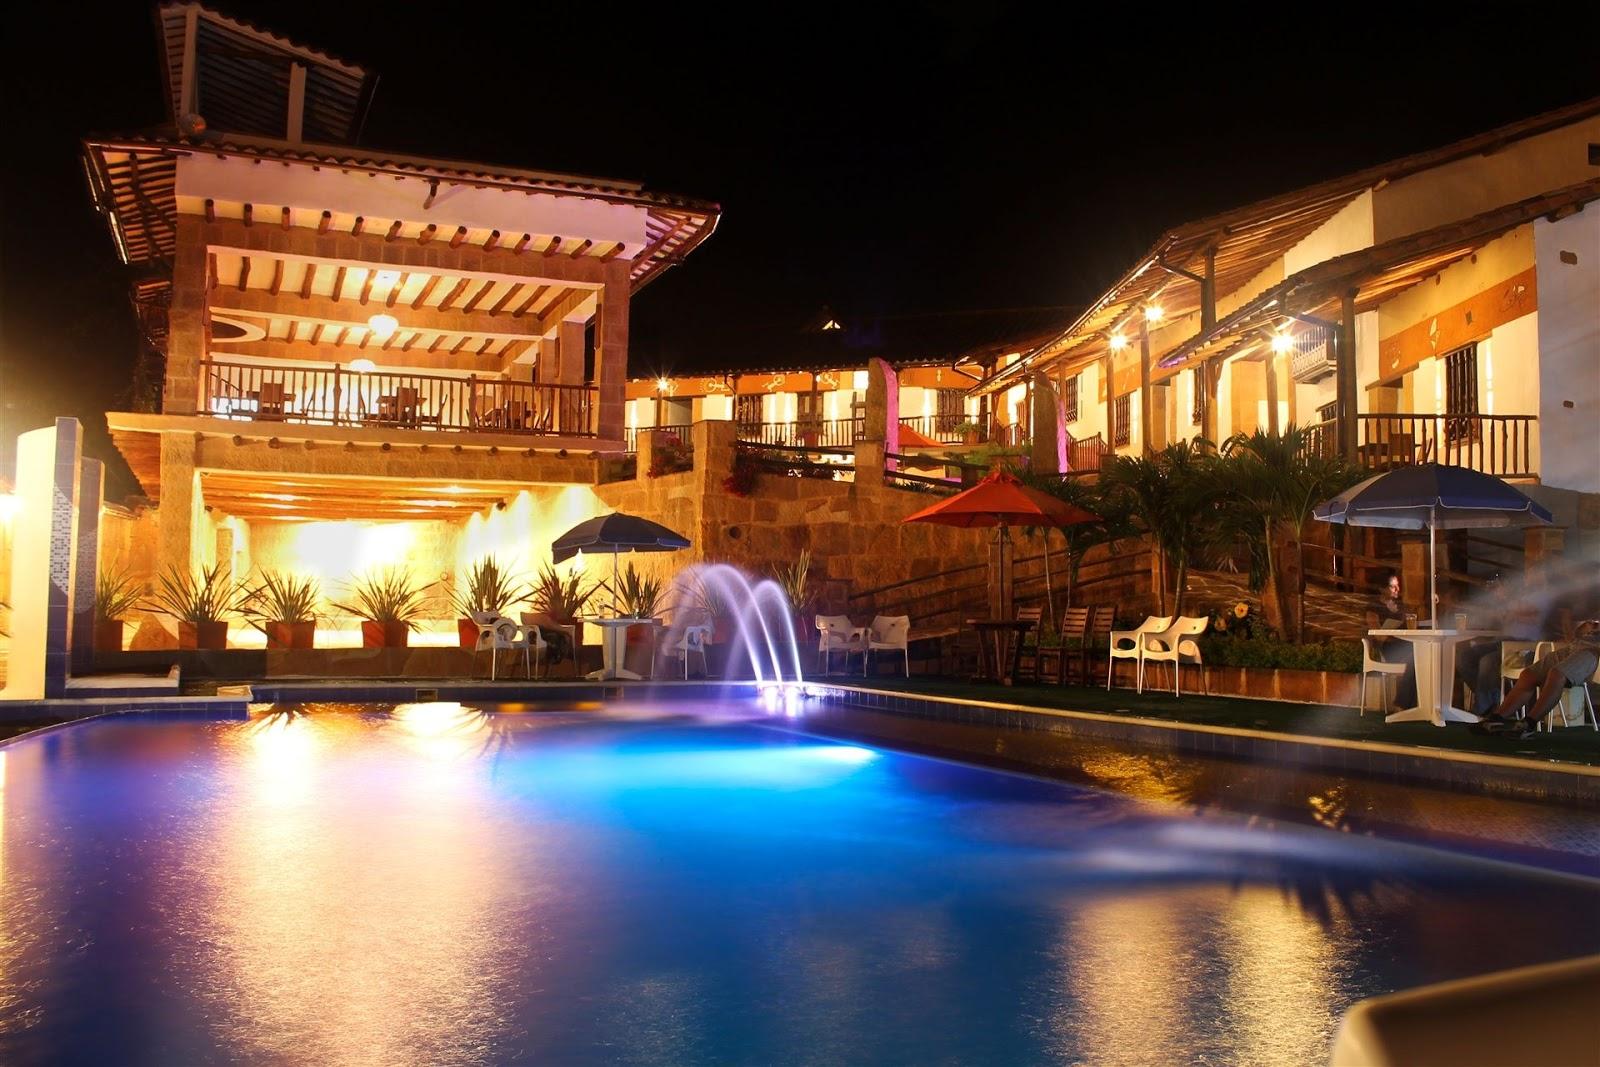 Conoce barichara el pueblo m s bonito de colombia for Hoteles y hostales en la alberca salamanca